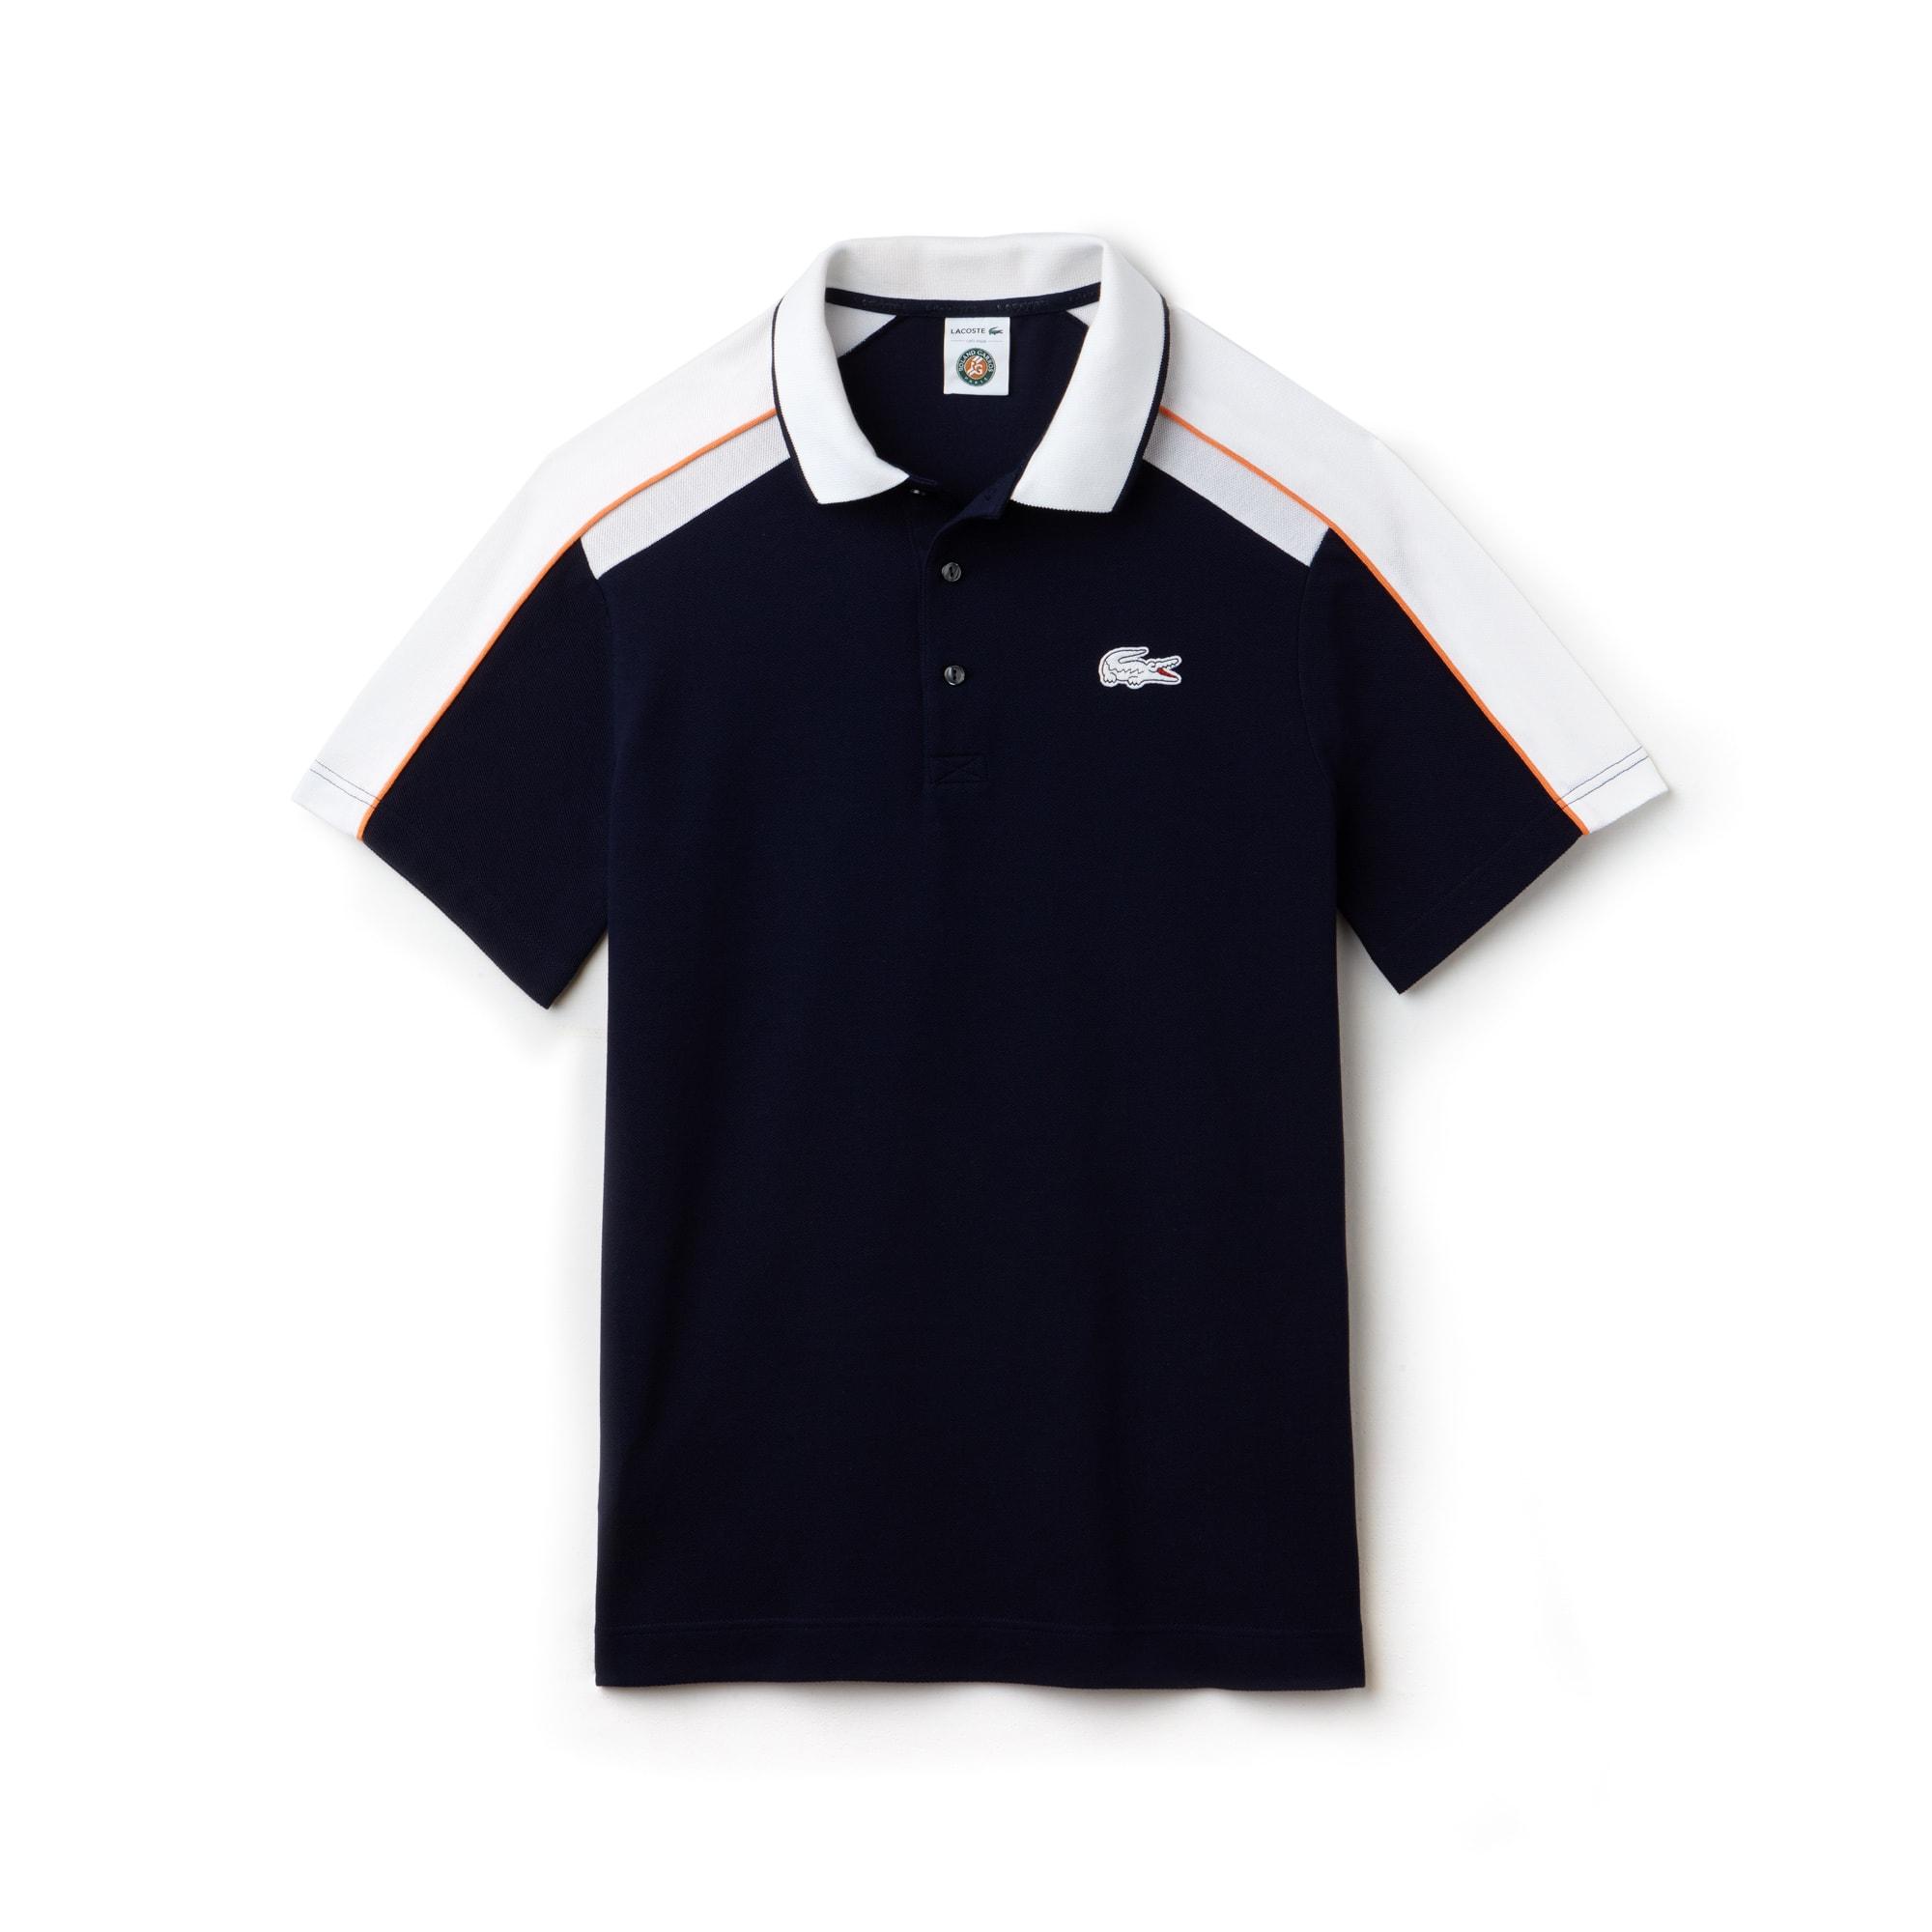 15430bb12 Men's Lacoste SPORT Roland Garros Edition Petit Piqué Polo Shirt ...